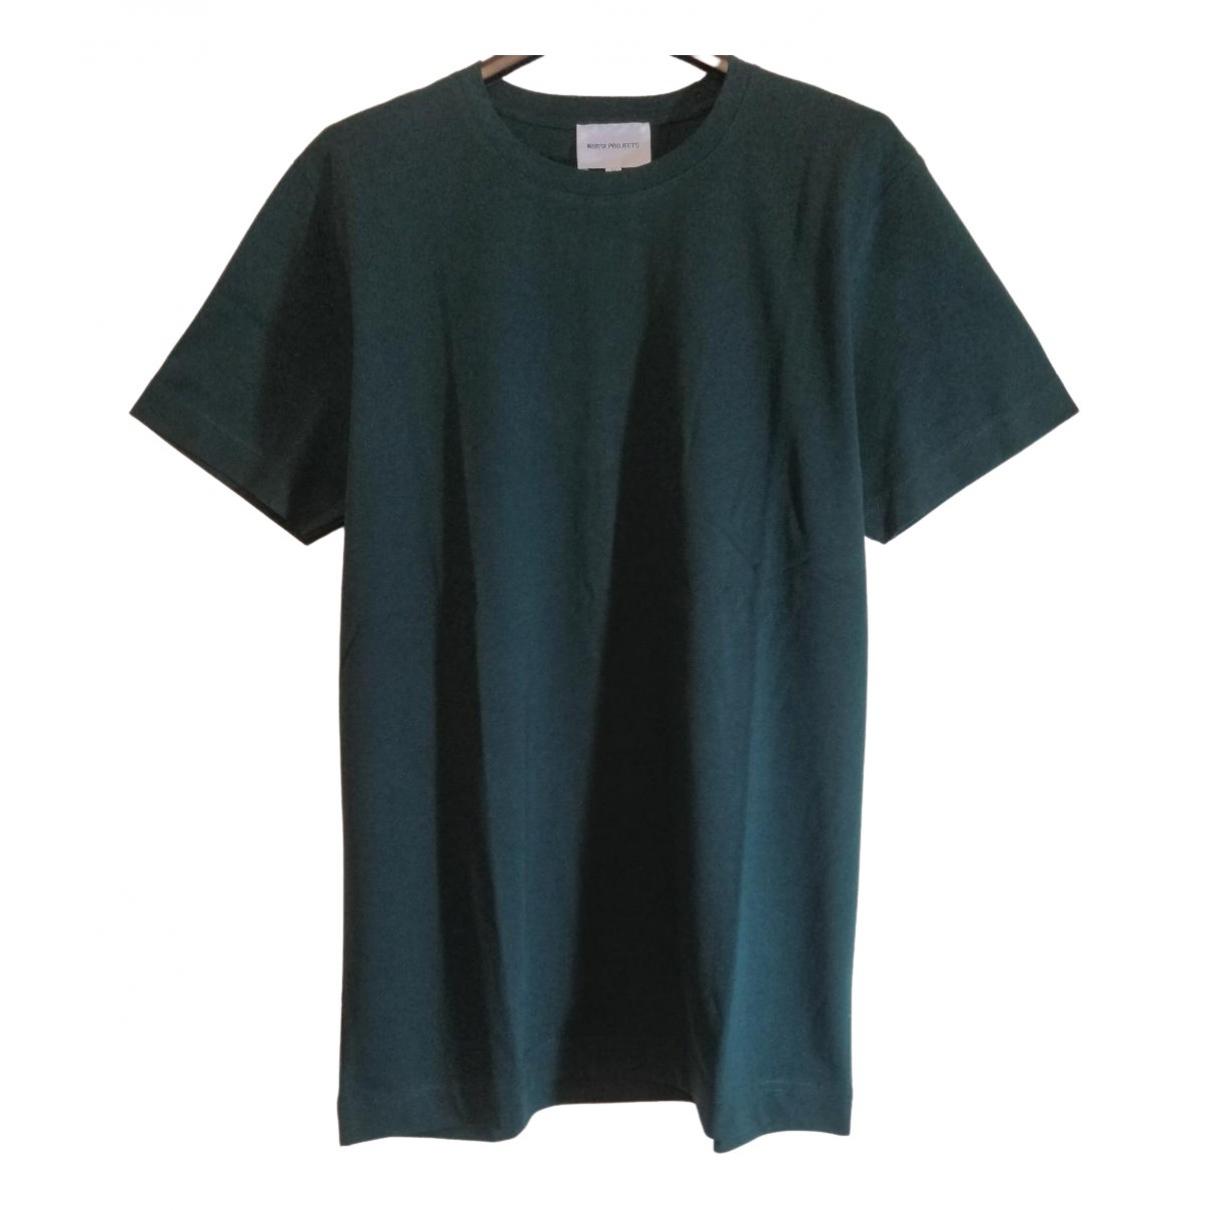 Norse Projects - Tee shirts   pour homme en coton - vert